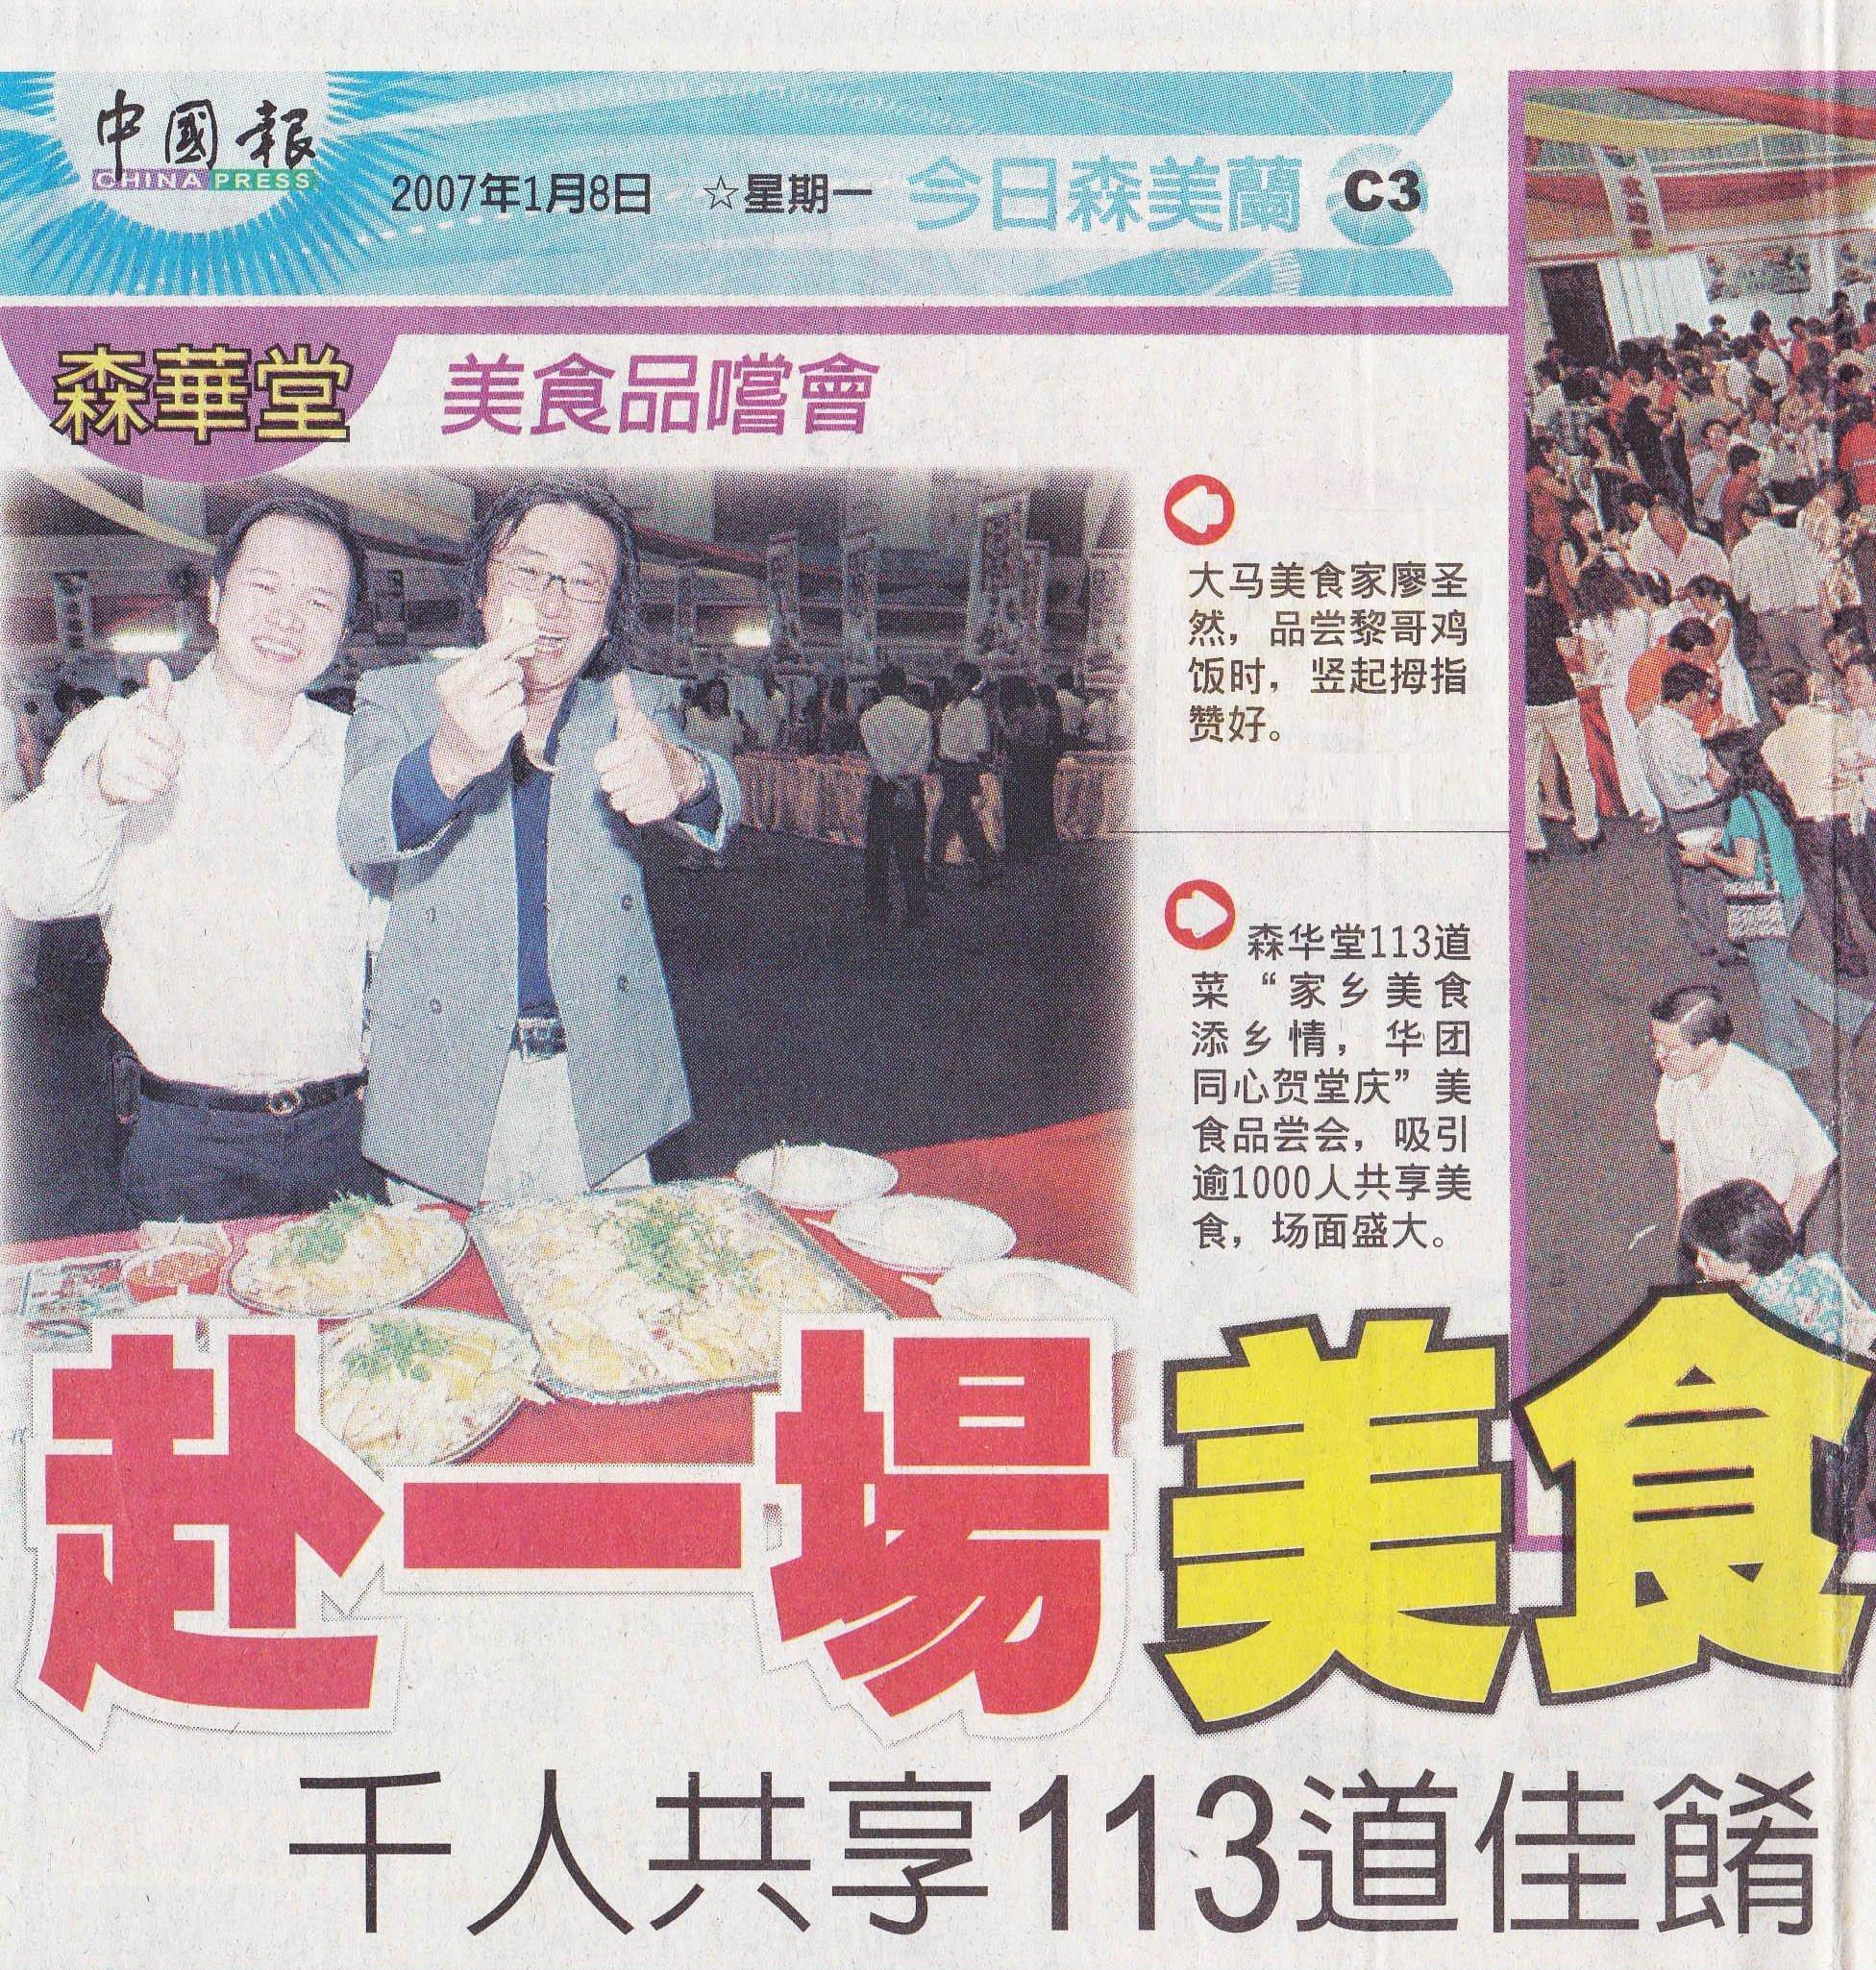 《中国报》刊登大马美食家廖圣然赴美食大会